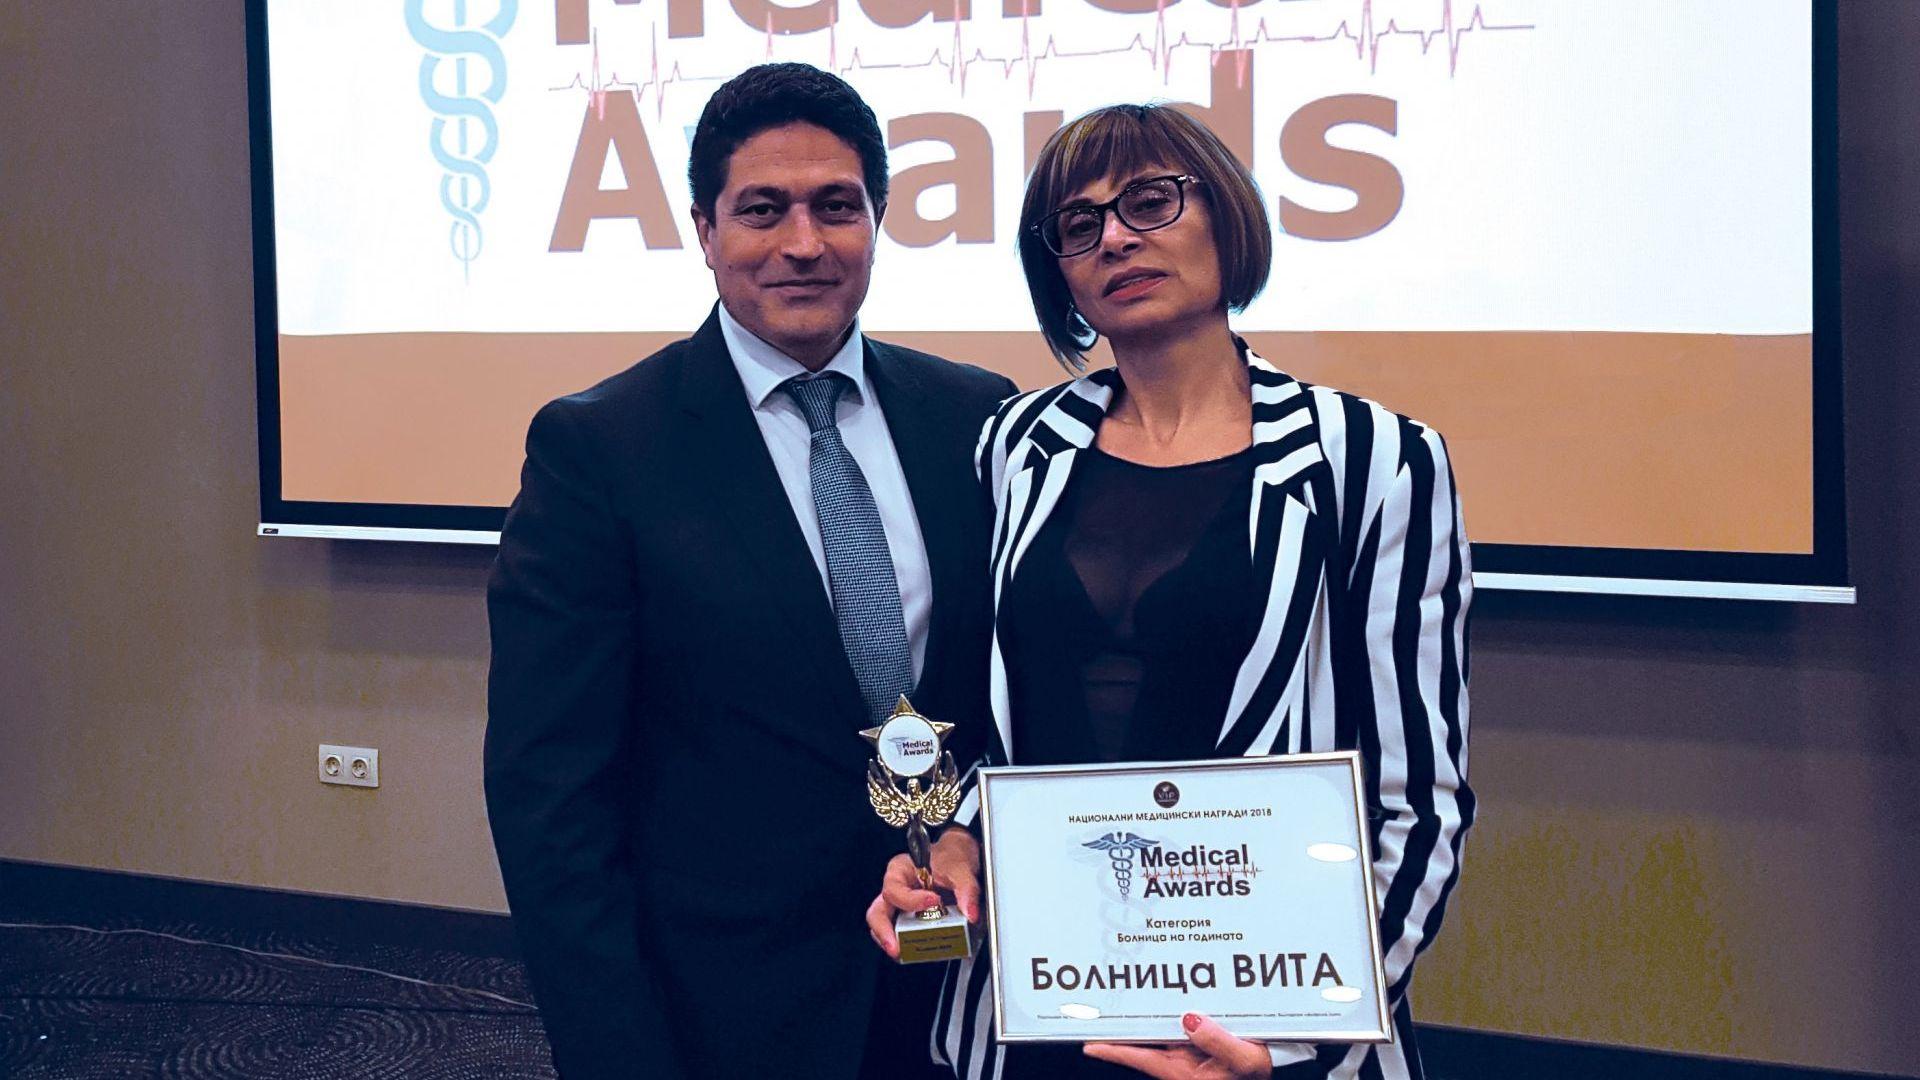 Д-р Анна Савчева, медицински управител на болница Вита, която стана болница на годината на Medical Adwards